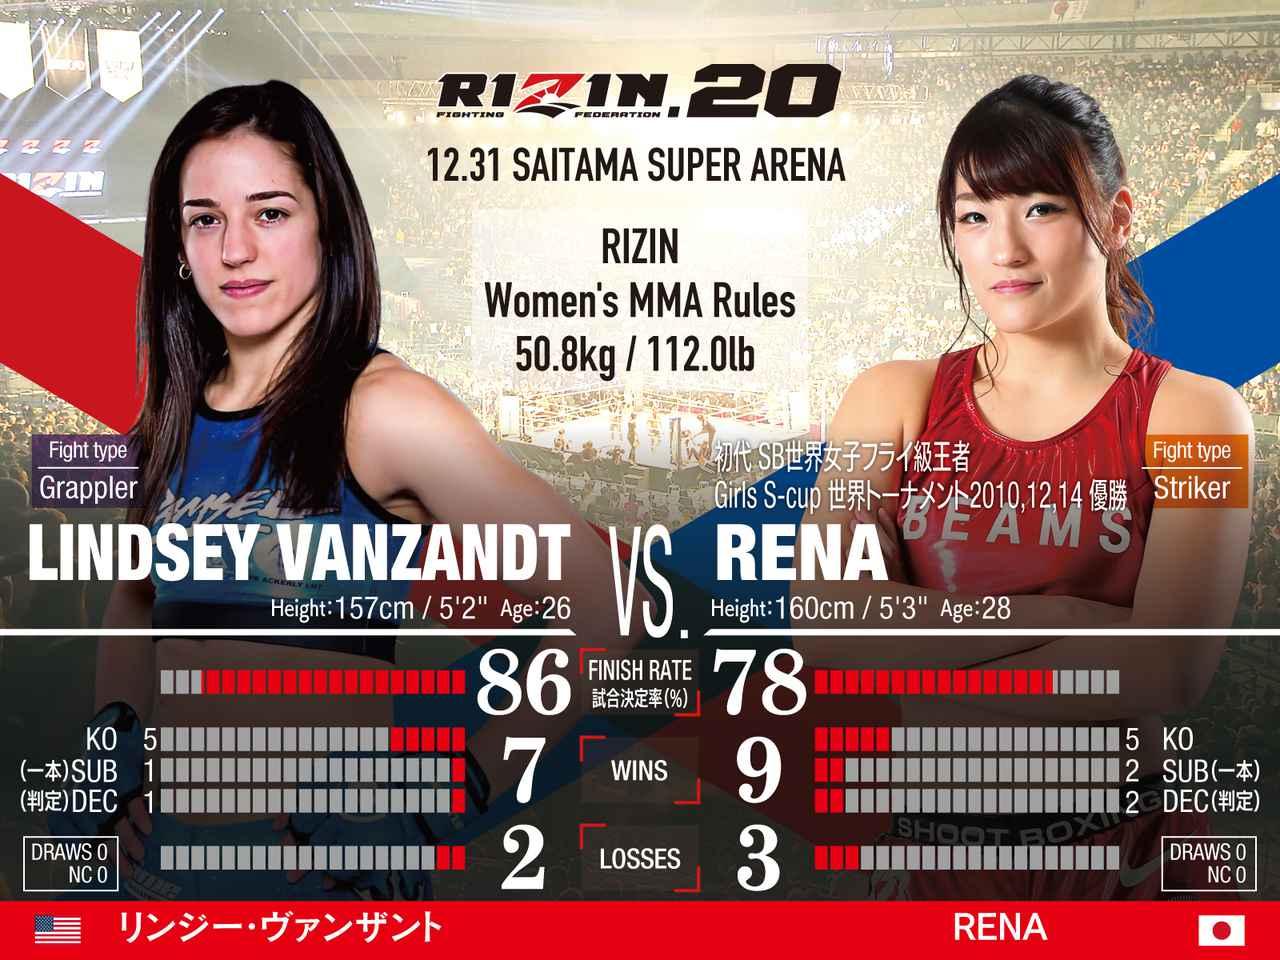 画像: 第11試合/スペシャルワンマッチ リンジー・ヴァンザント vs. RENA